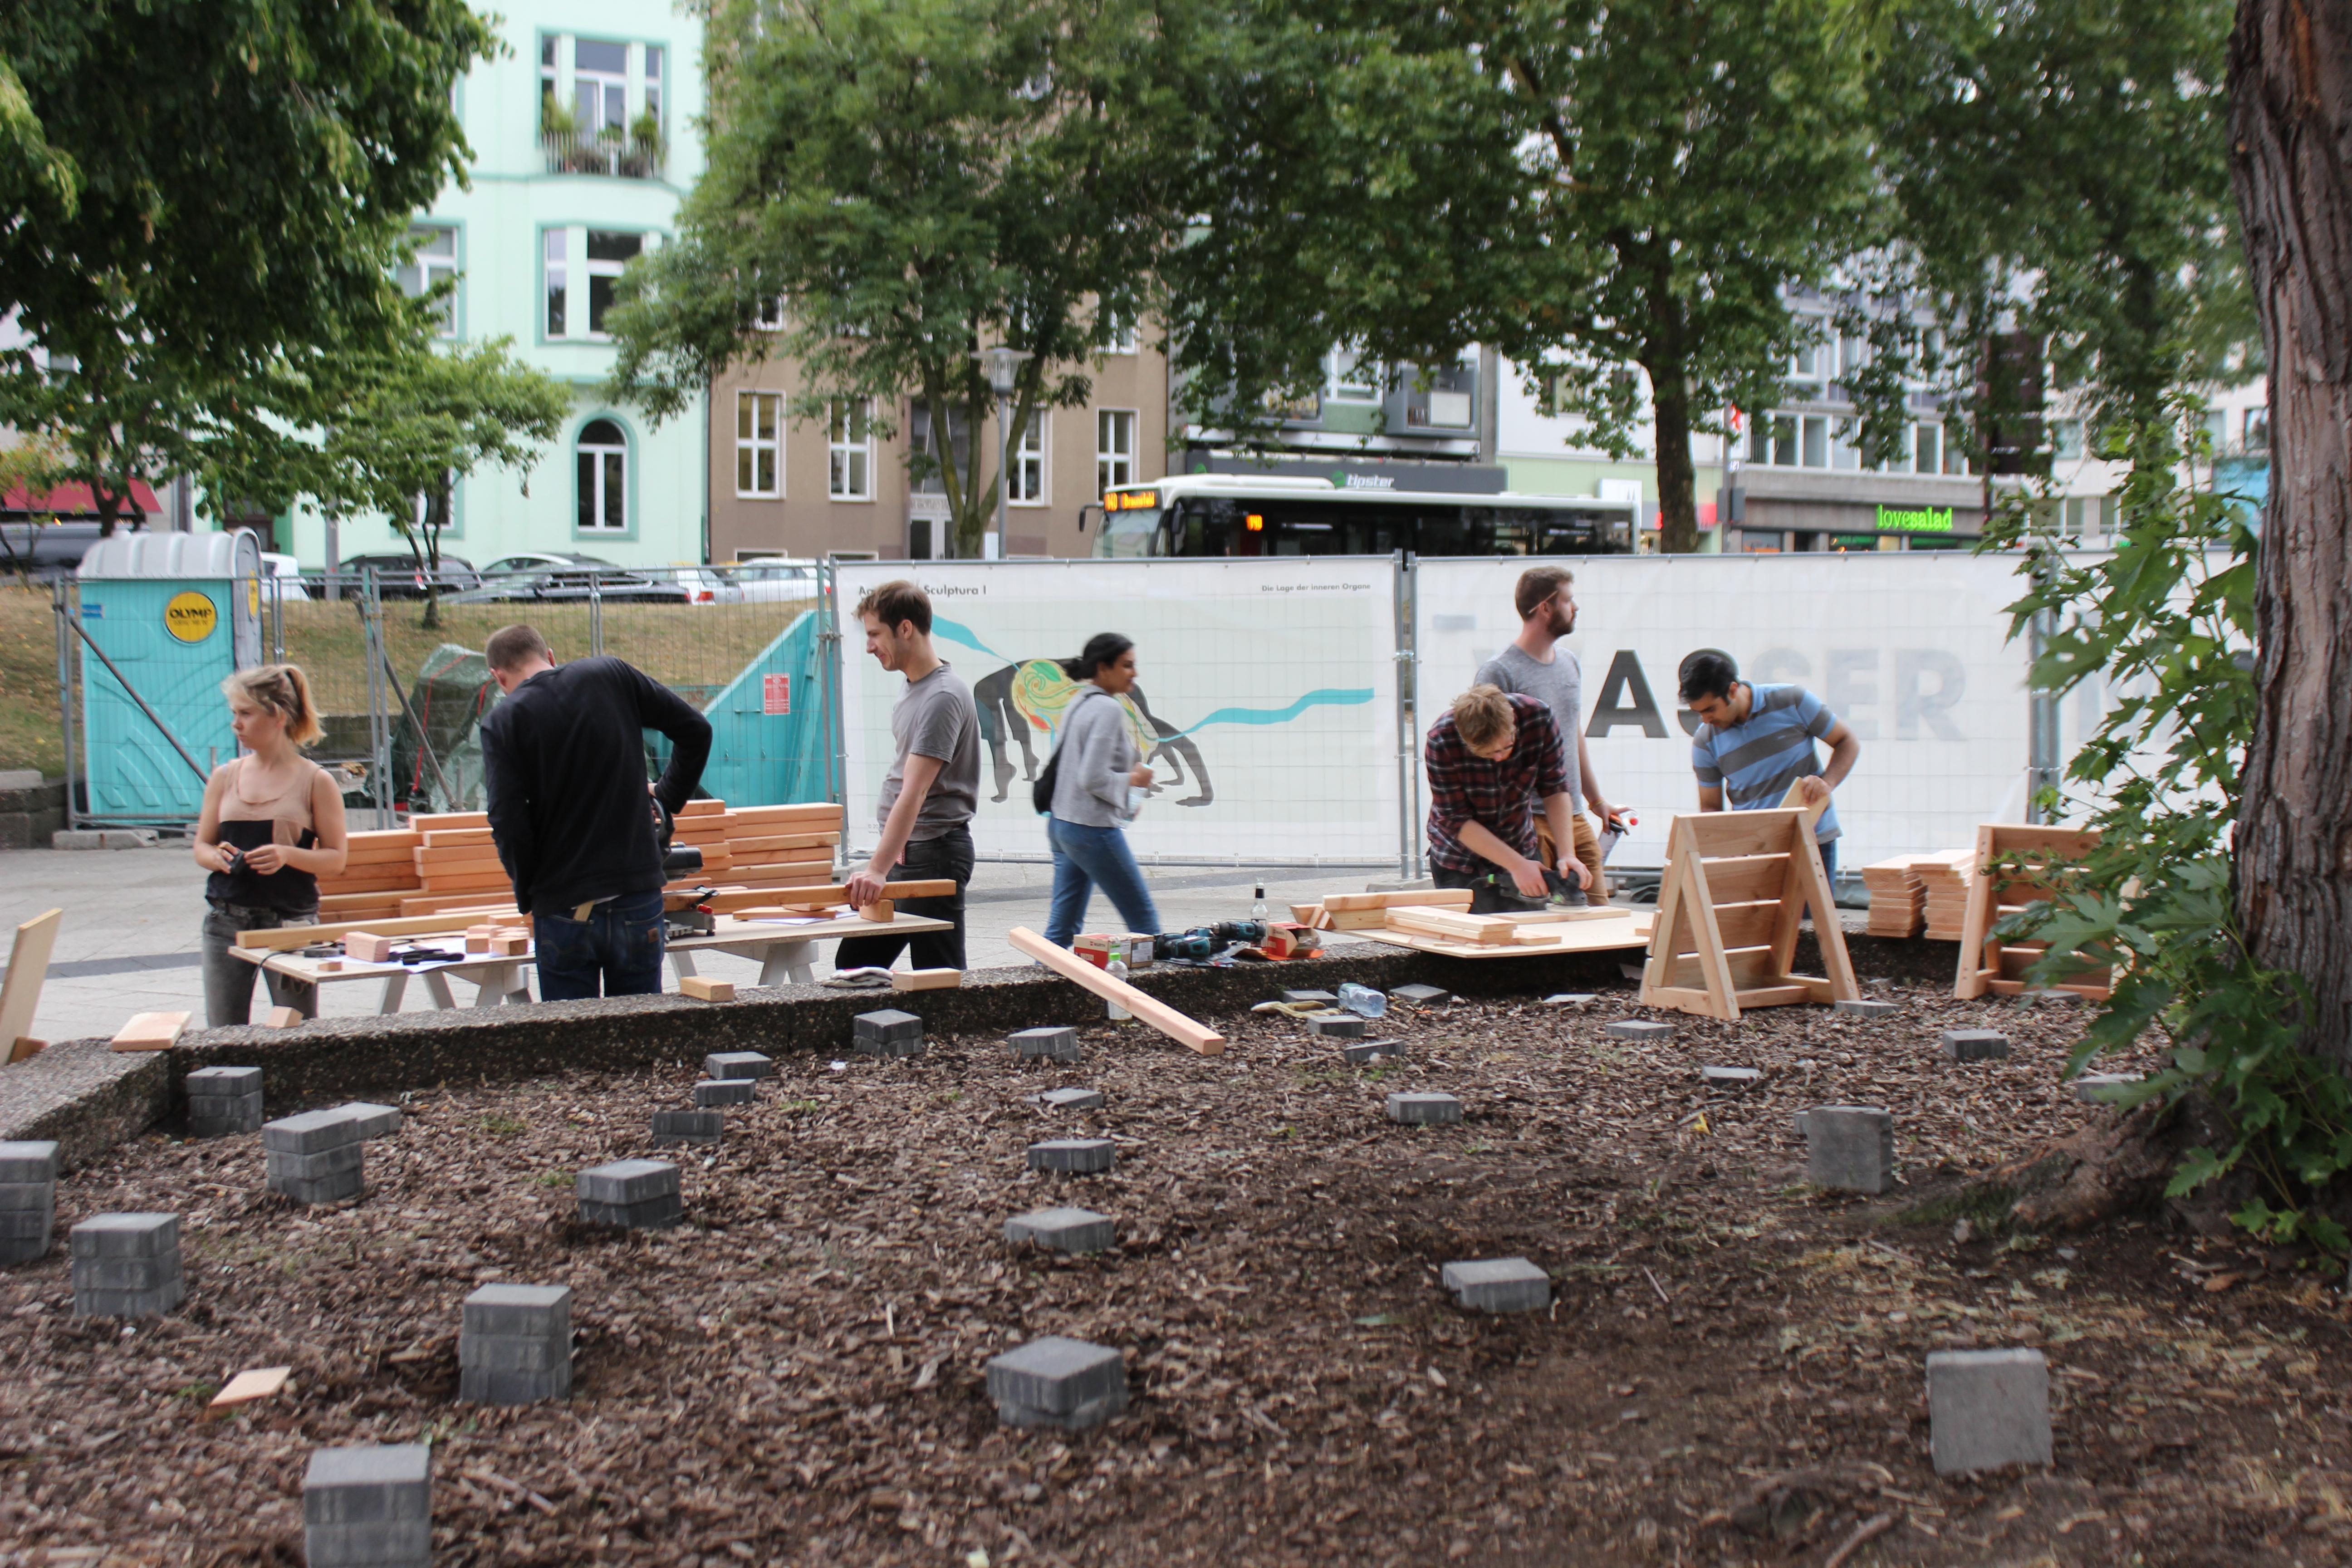 Selbstbauprojekt RWTH Aachen, Ebertplatz, Juli 2018, Foto: Helle Habenicht